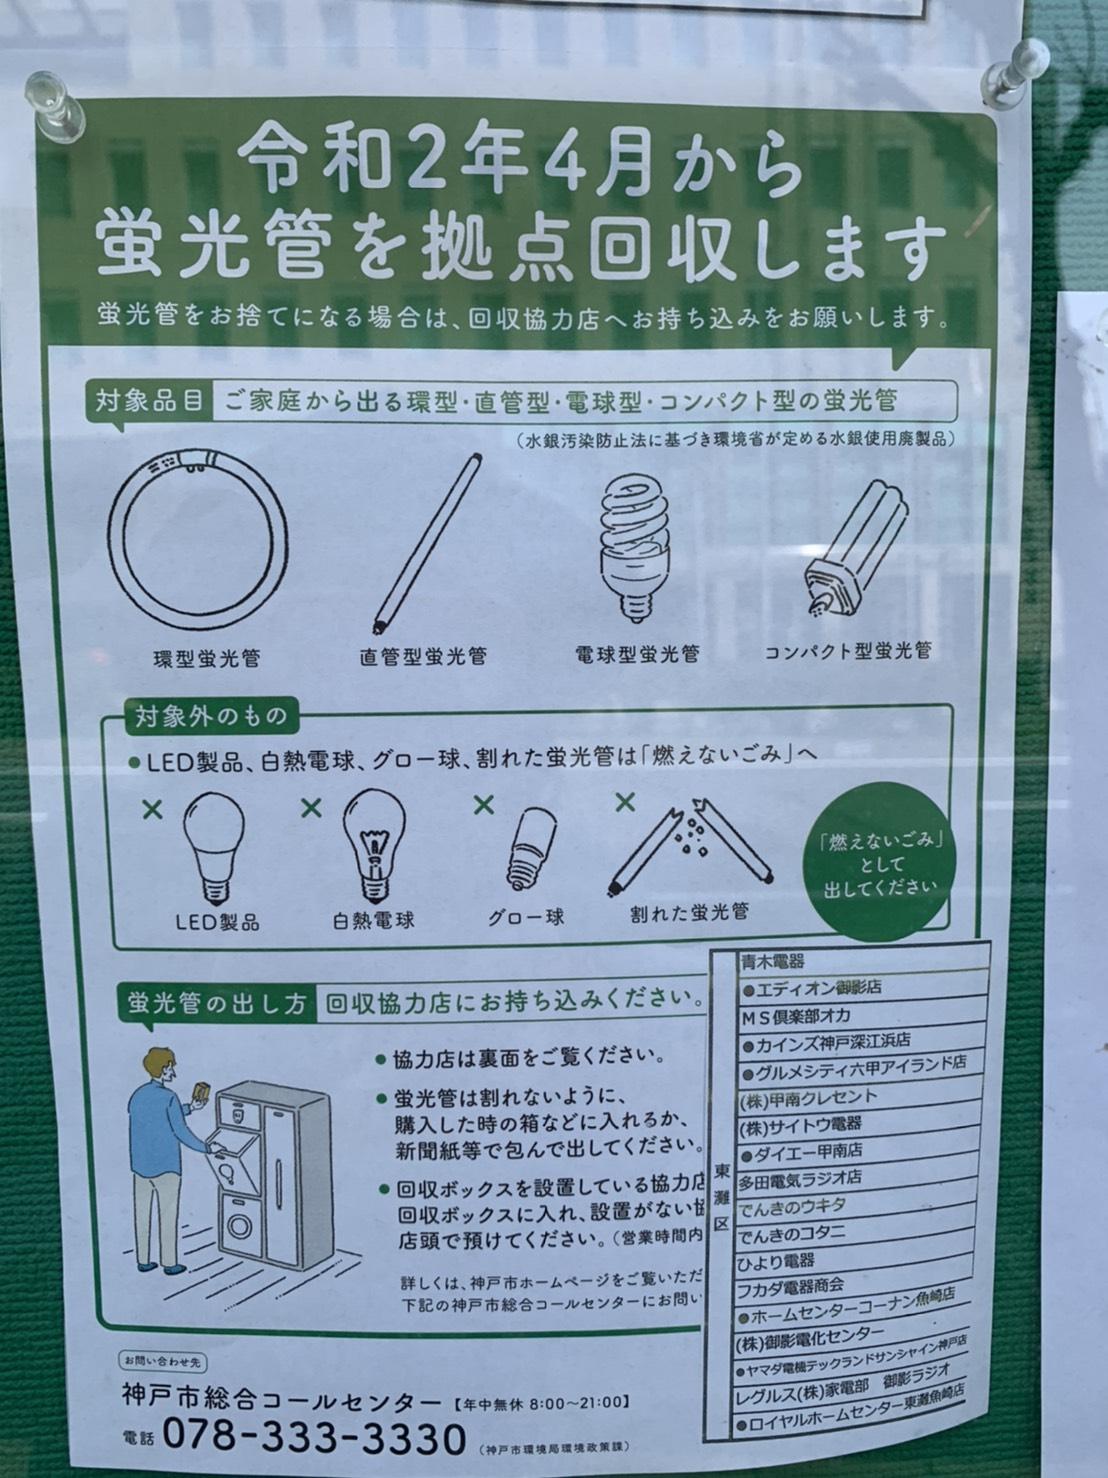 横浜 市 ゴミ 蛍光 灯